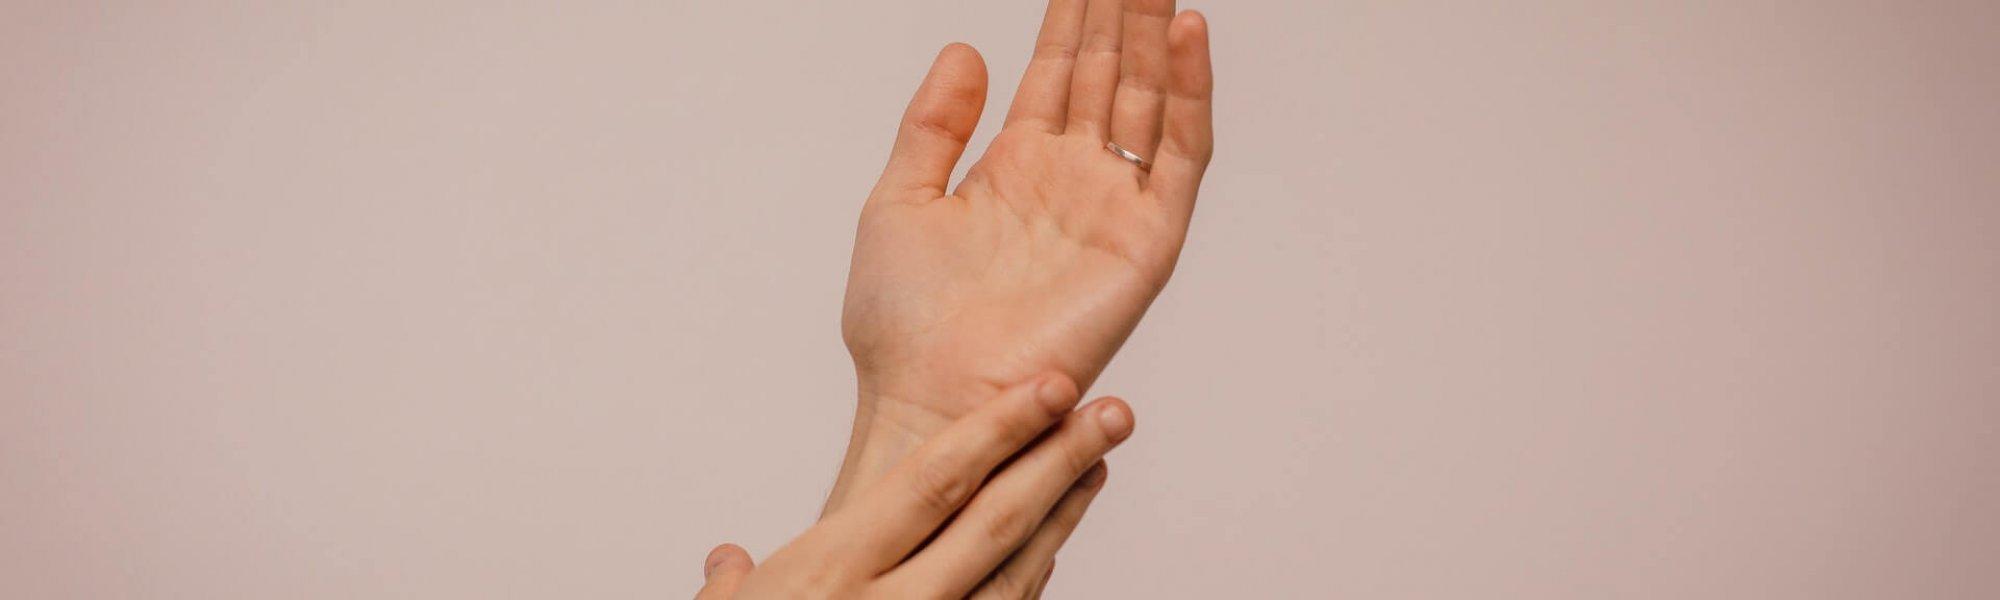 streicheln-schützt-vor-stress-praxis-achtsamkeit-anka-bergmann